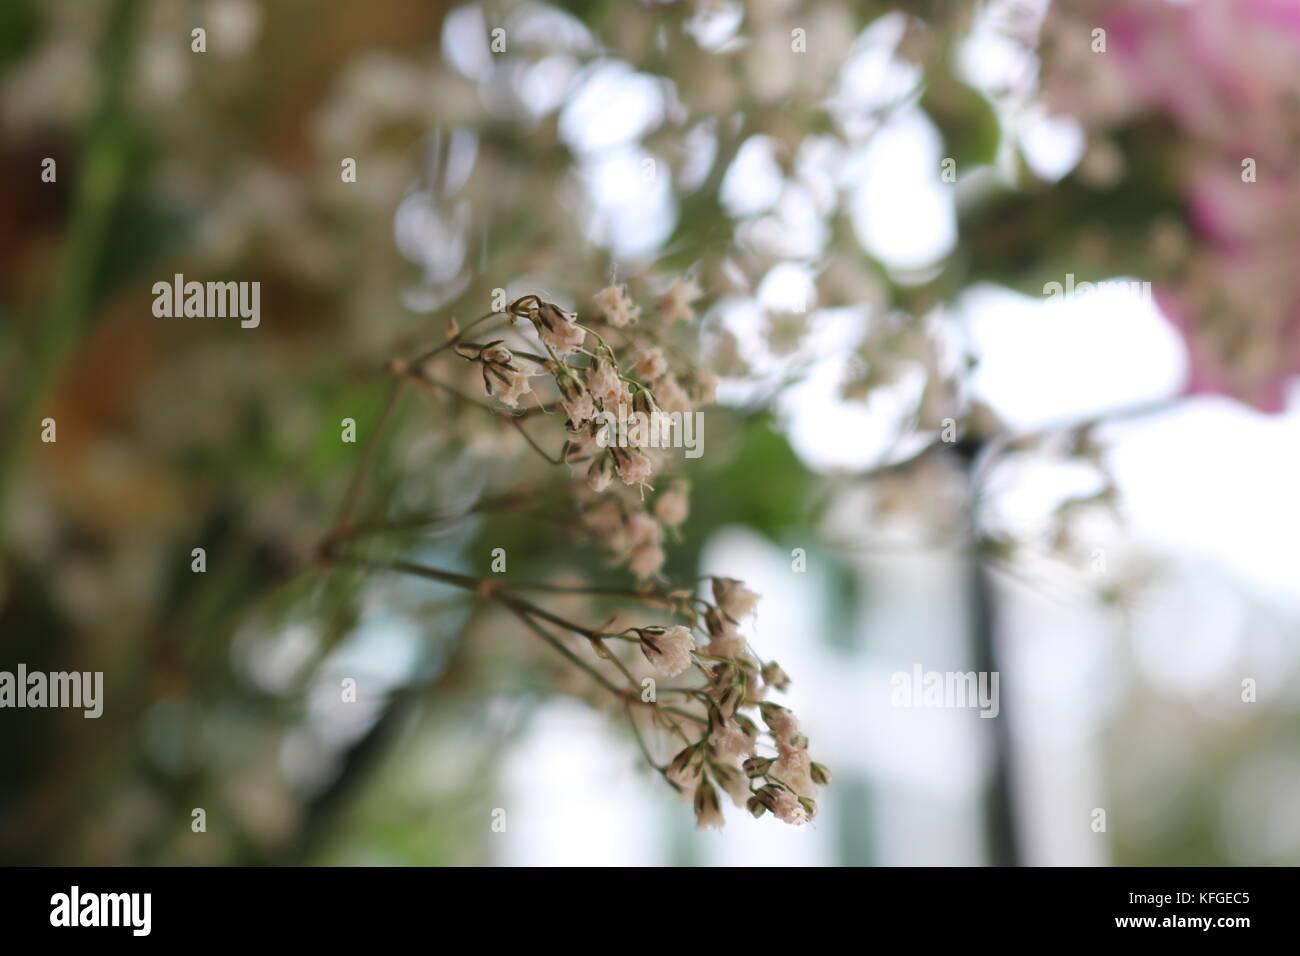 Gros plans de fleurs jusqu'à l'arrière-plan flou et contraste. Faune et nature luxuriante à Photo Stock